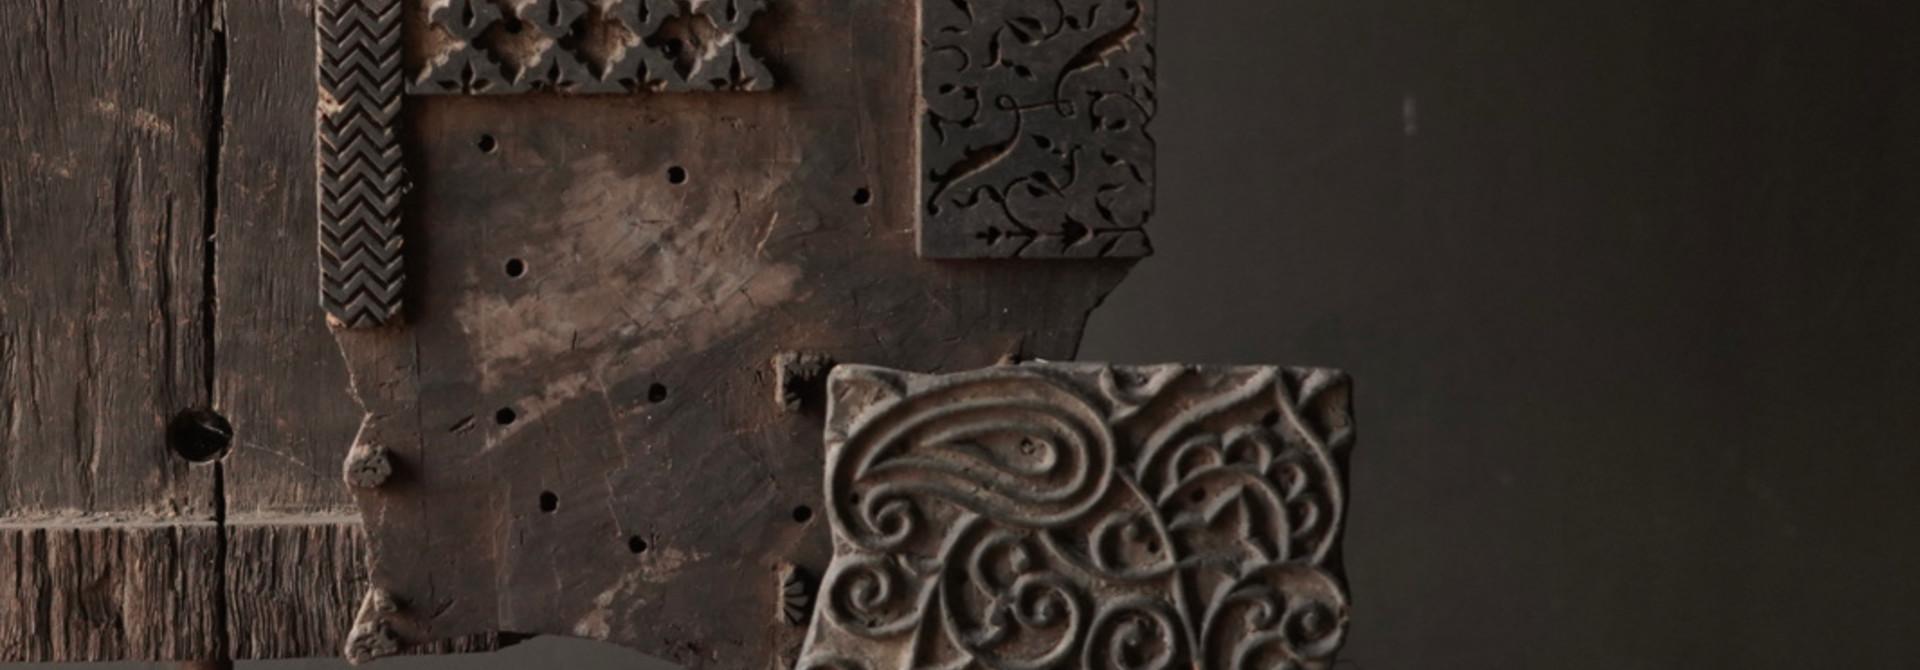 Houten batik stempel op ijzeren voetje